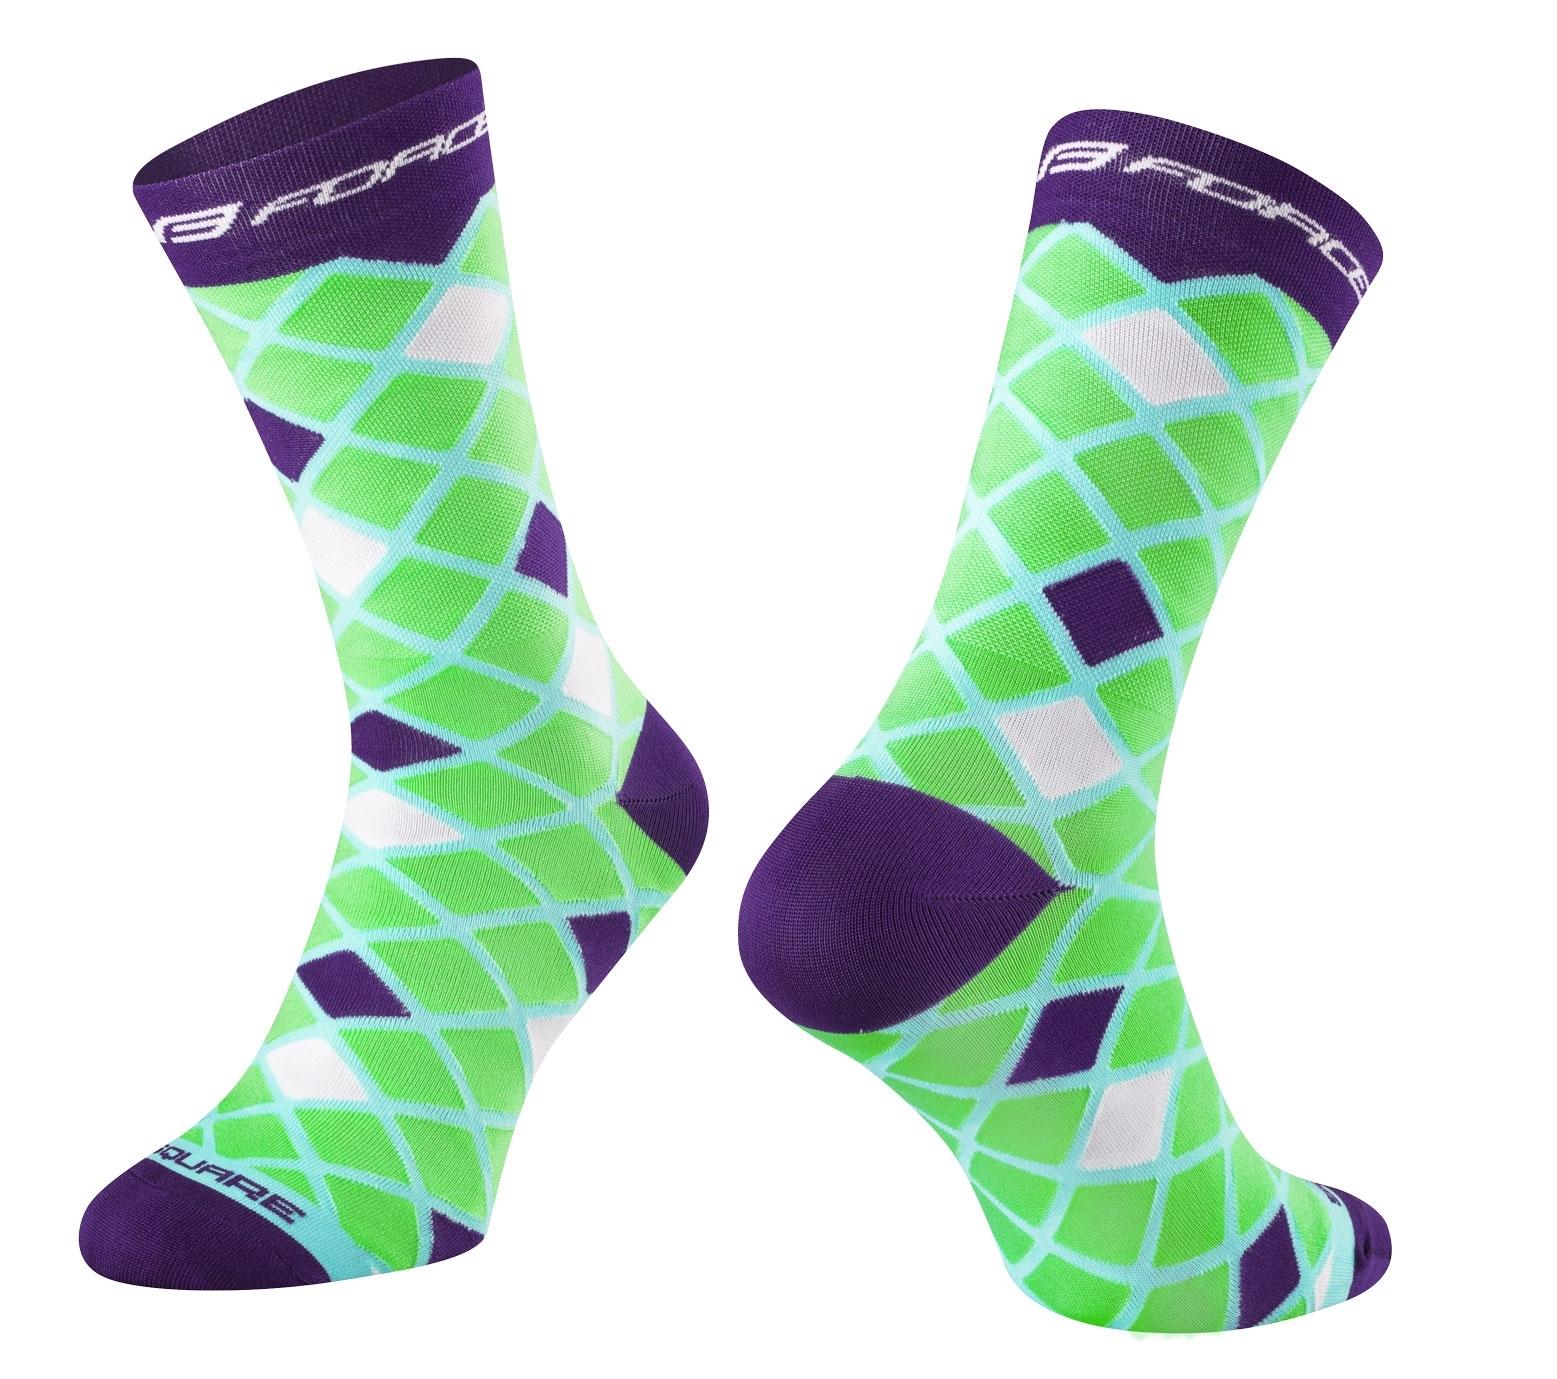 ponožky FORCE SQUARE, zeleno-fialové S-M/36-41